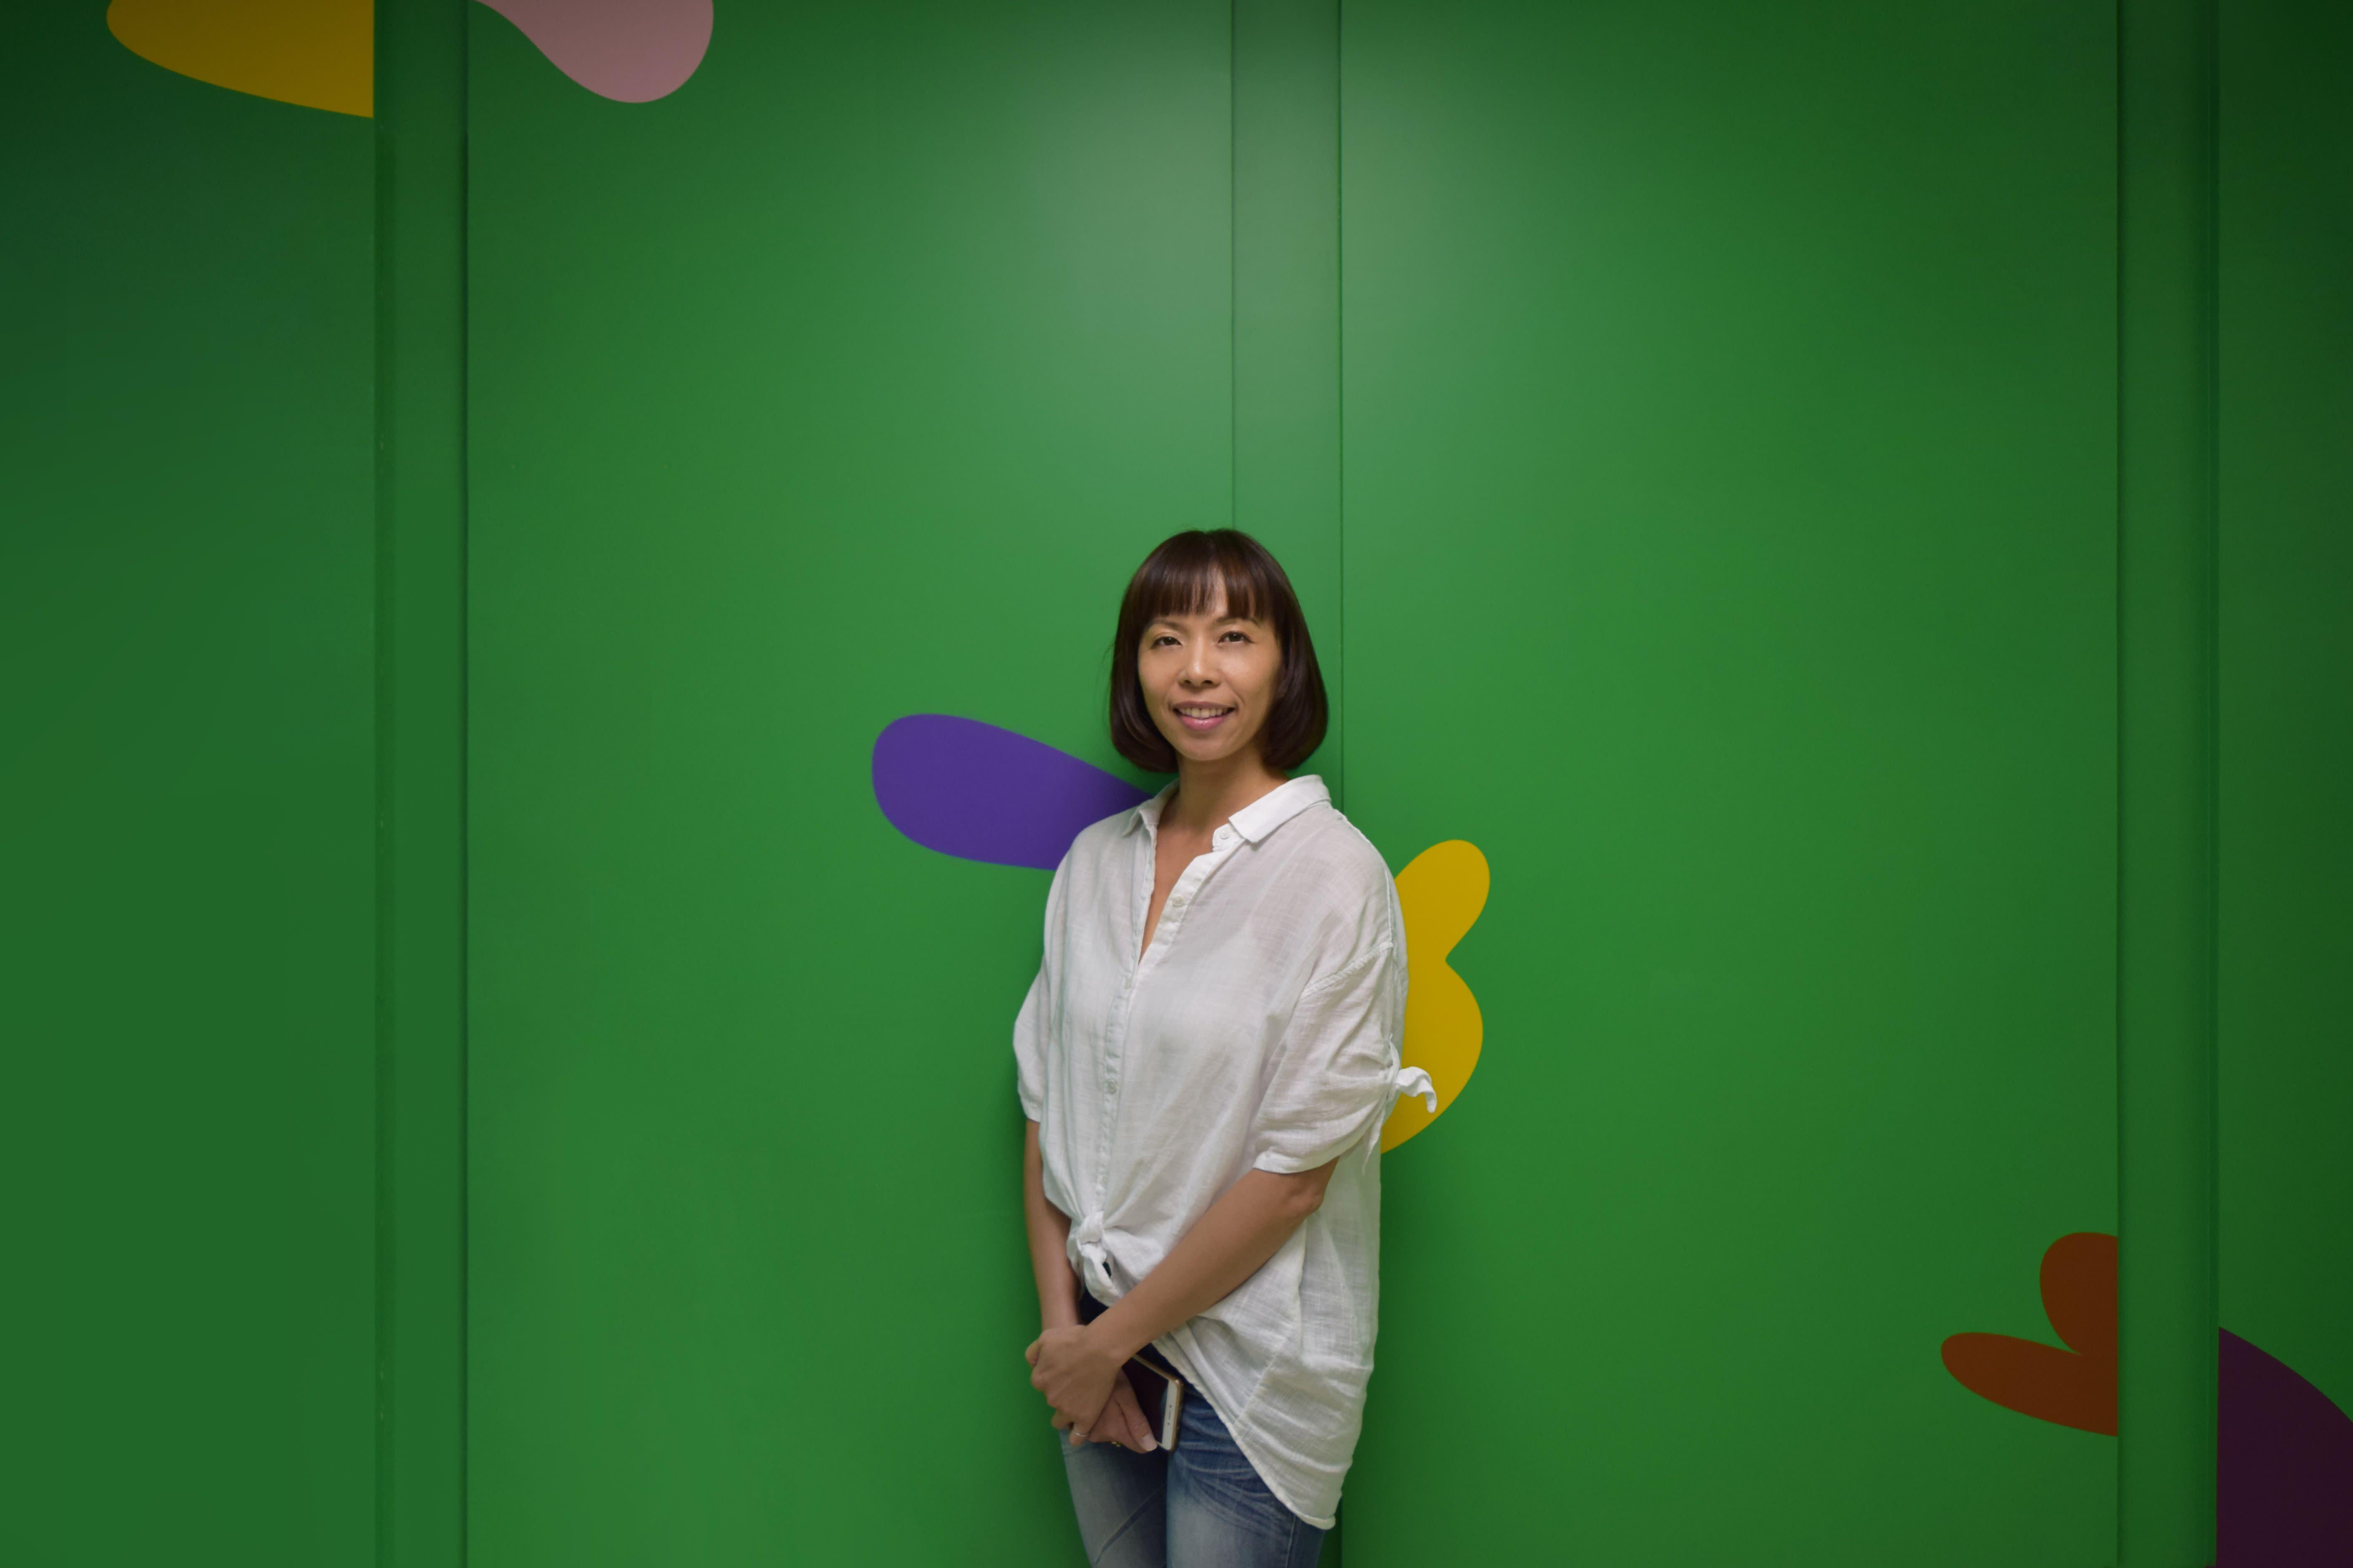 【專訪】讓身體藝術回歸生活!雲門教室研發長謝明霏的舞蹈教育哲學